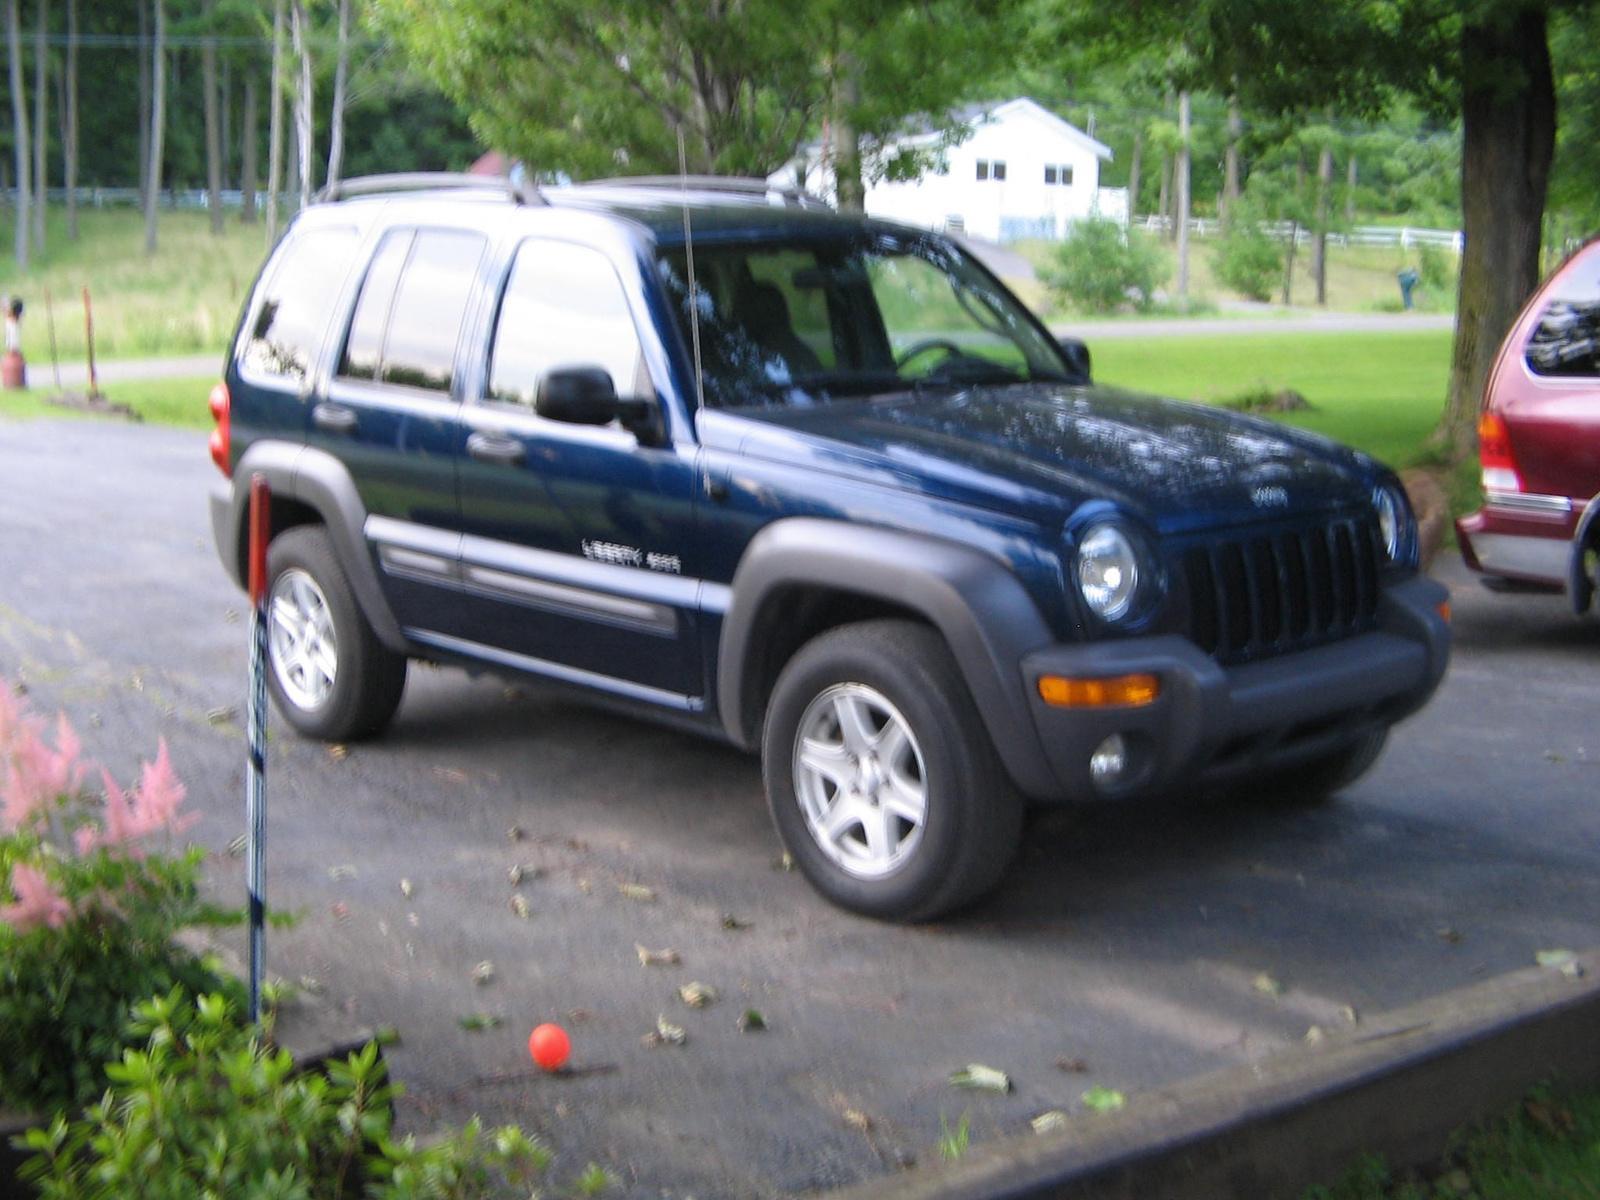 800 1024 1280 1600 origin 2003 jeep